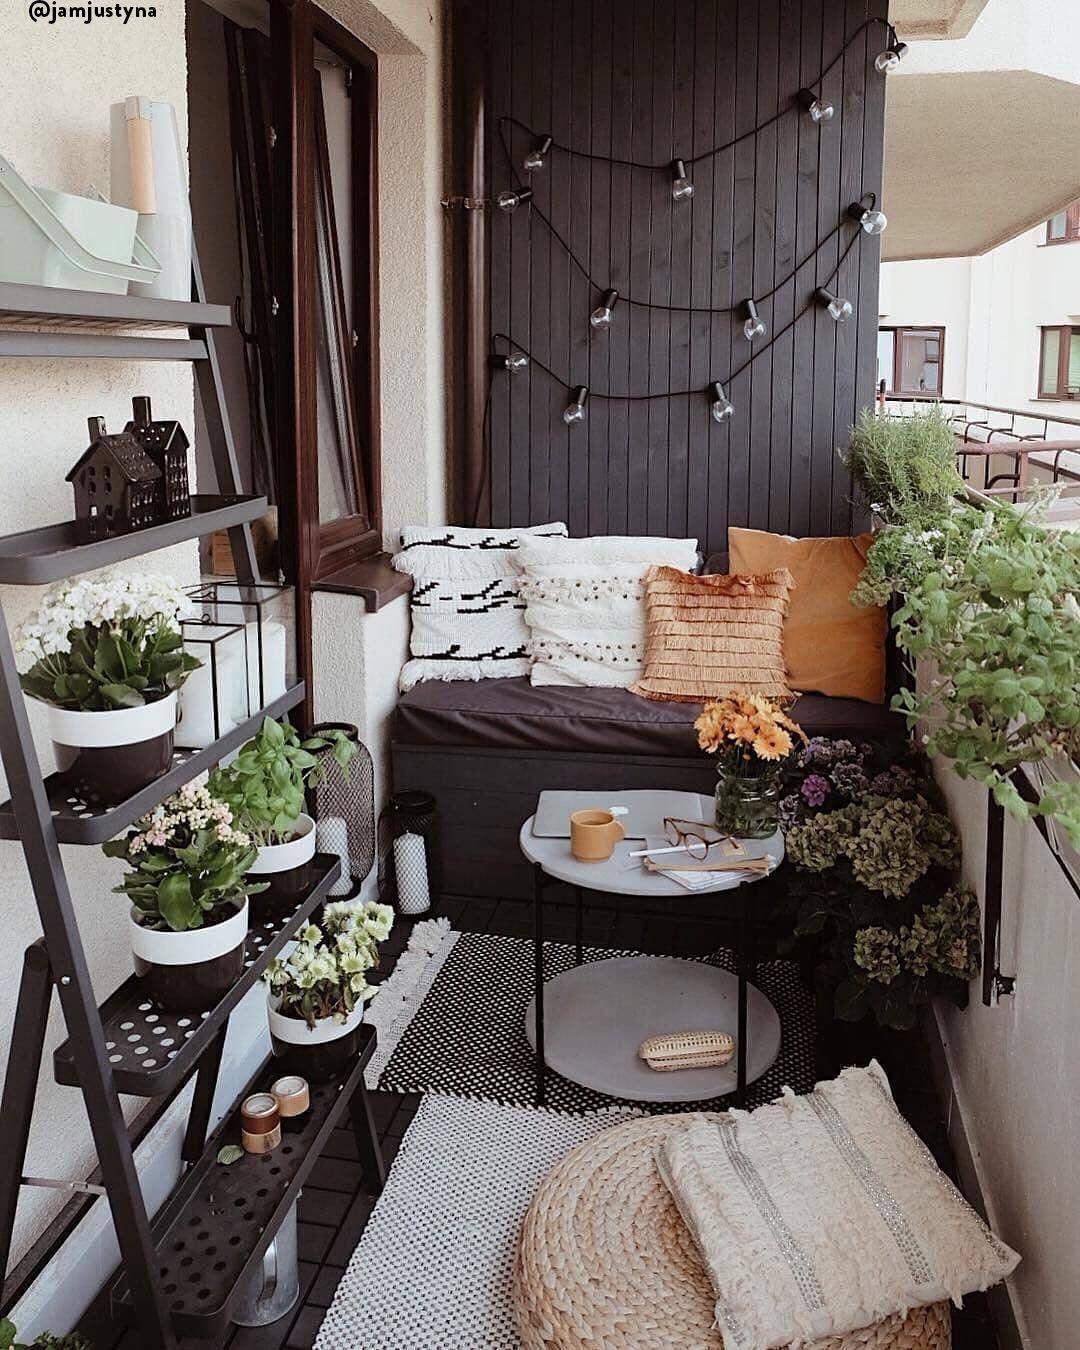 Outdoor- & Gartenartikel ♥ online kaufen | WestwingNow #wohnungbalkondekoration